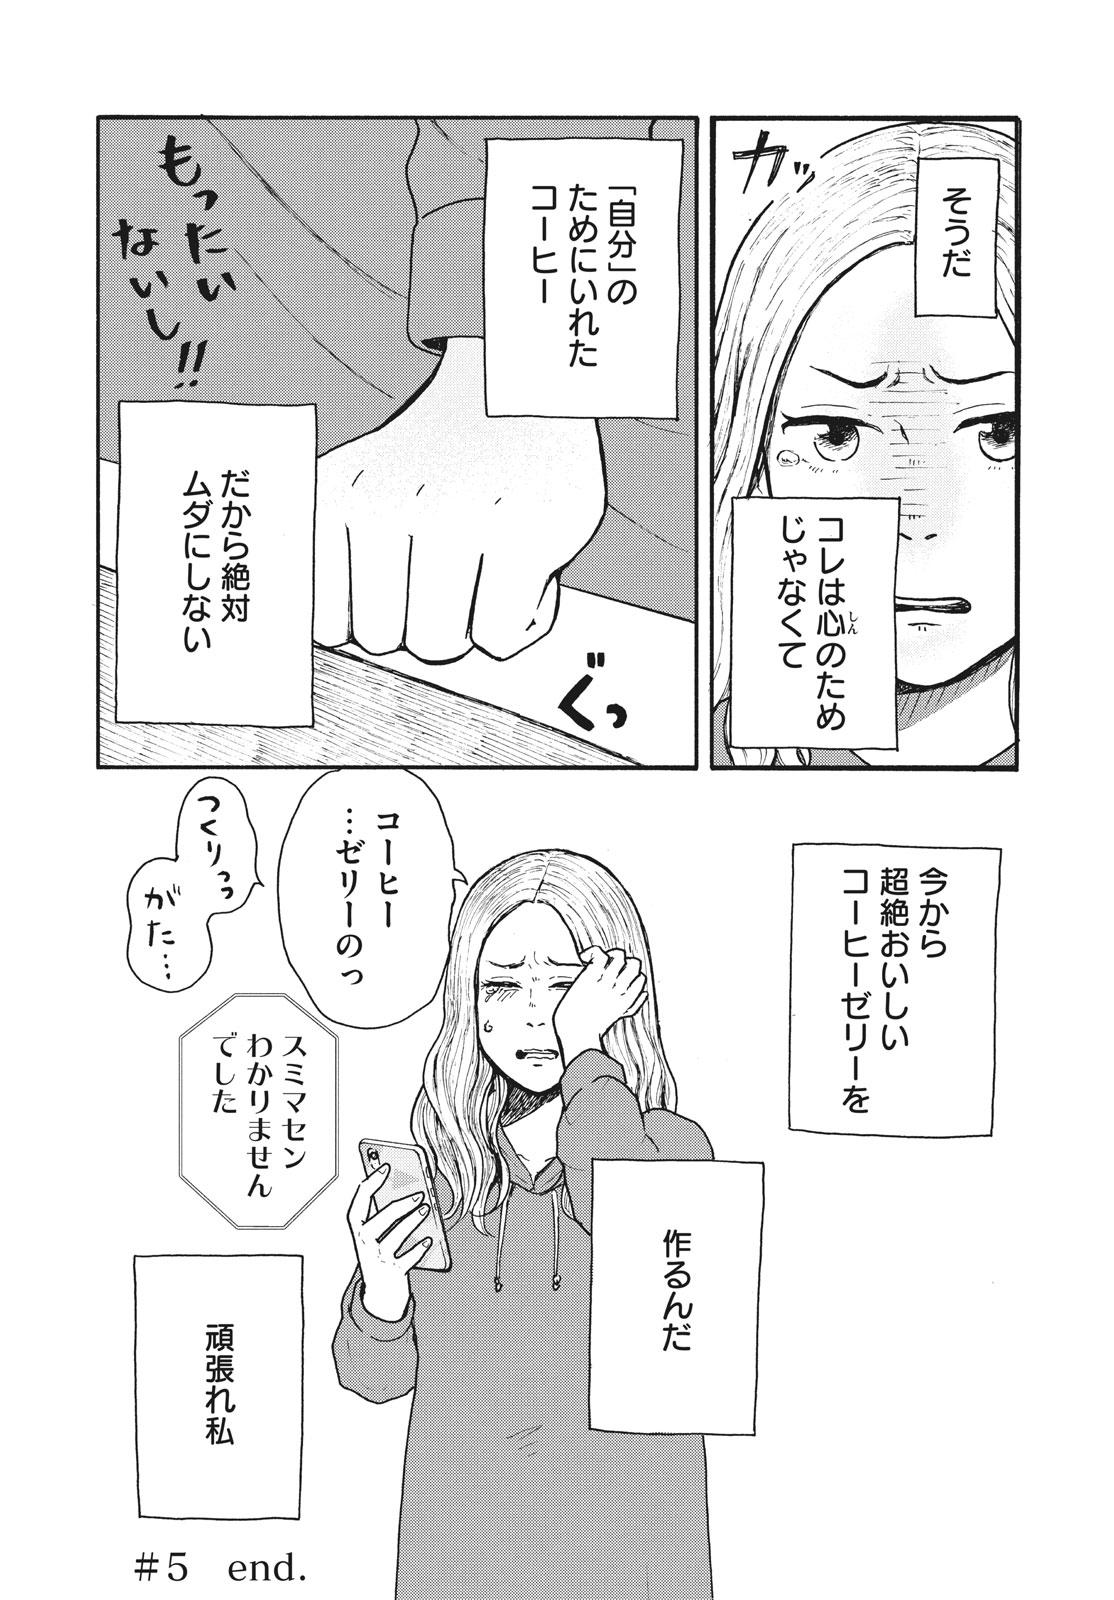 010_30譌・_2019_005_E.jpg